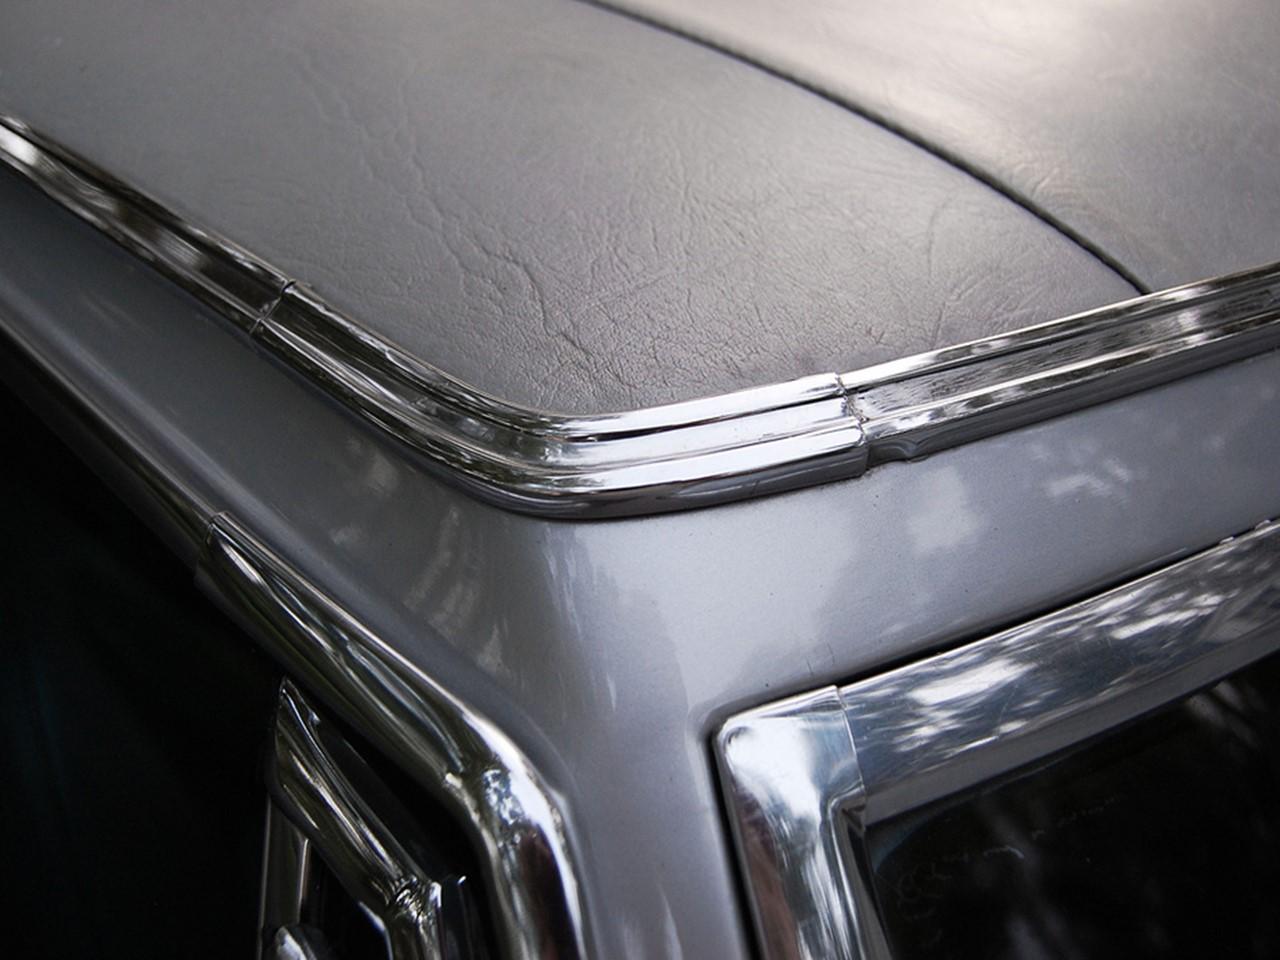 1965 Fleetwood Brougham 5